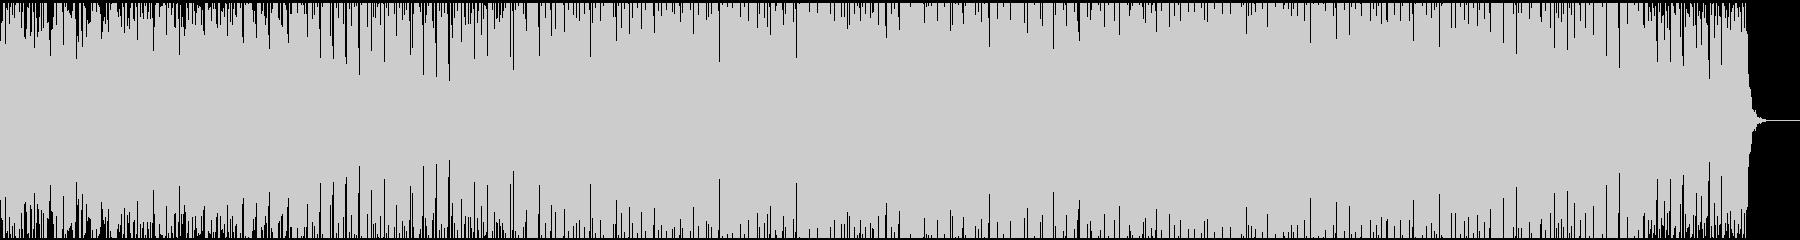 切なく力強いEDMサウンドの未再生の波形